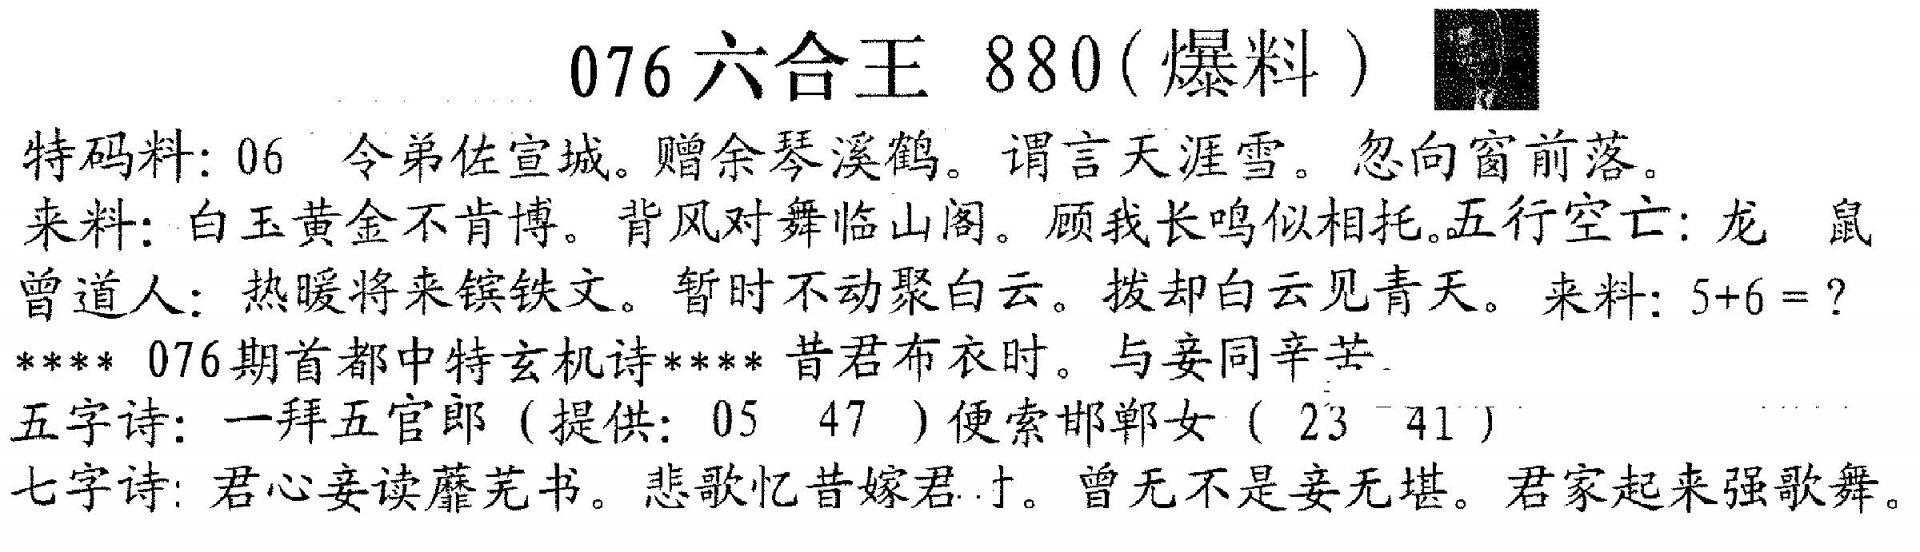 076期880来料(黑白)